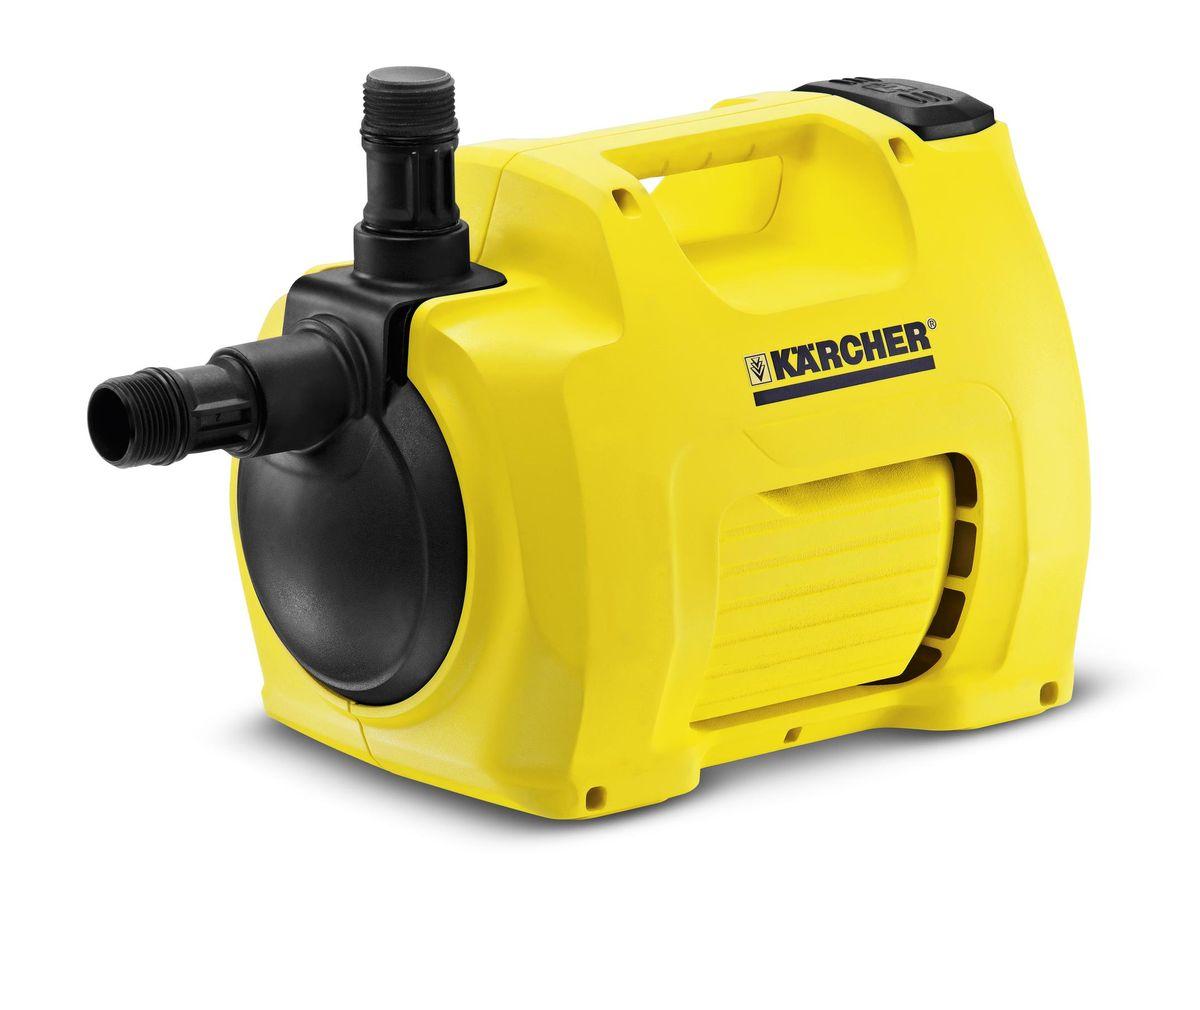 Насос для дома и сада Karcher BP 3 Garden 1.645-351.01.645-351.0Насос для дома и сада Karcher BP 3 Garden обеспечивает надежное орошение сада и постоянное давление воды, необходимое для водоснабжения дома. Насос с нулевым энергопотреблением в режиме ожидания. Работает только тогда, когда это необходимо, он автоматически включается и отключается в зависимости от отбора воды. К насосу можно одновременно присоединить два шланга - например, один для ручного полива, а другой - для орошения газона дождевателем. Мощный насос не требует технического обслуживания и впечатляет постоянным давлением для оптимального полива и водоснабжения. Ножной переключатель и звукопоглощающие резиновые ножки дают дополнительный комфорт. При возникновении неисправности специальный индикатор показывает, где находится ее причина - со стороны всасывания или с напорной стороны. Высококачественные материалы гарантируют долгий срок службы.Максимальная производительность: 3500 л/ч.Максимальная мощность двигателя: 800 Вт.Максимальная высота подачи/давления (м/бар): 40/4.Максимальная высота всасывания: 8 м.Температура подачи: 35°С.Соединительная резьба: G1.Длина соединительного шнура: 1,85 м.